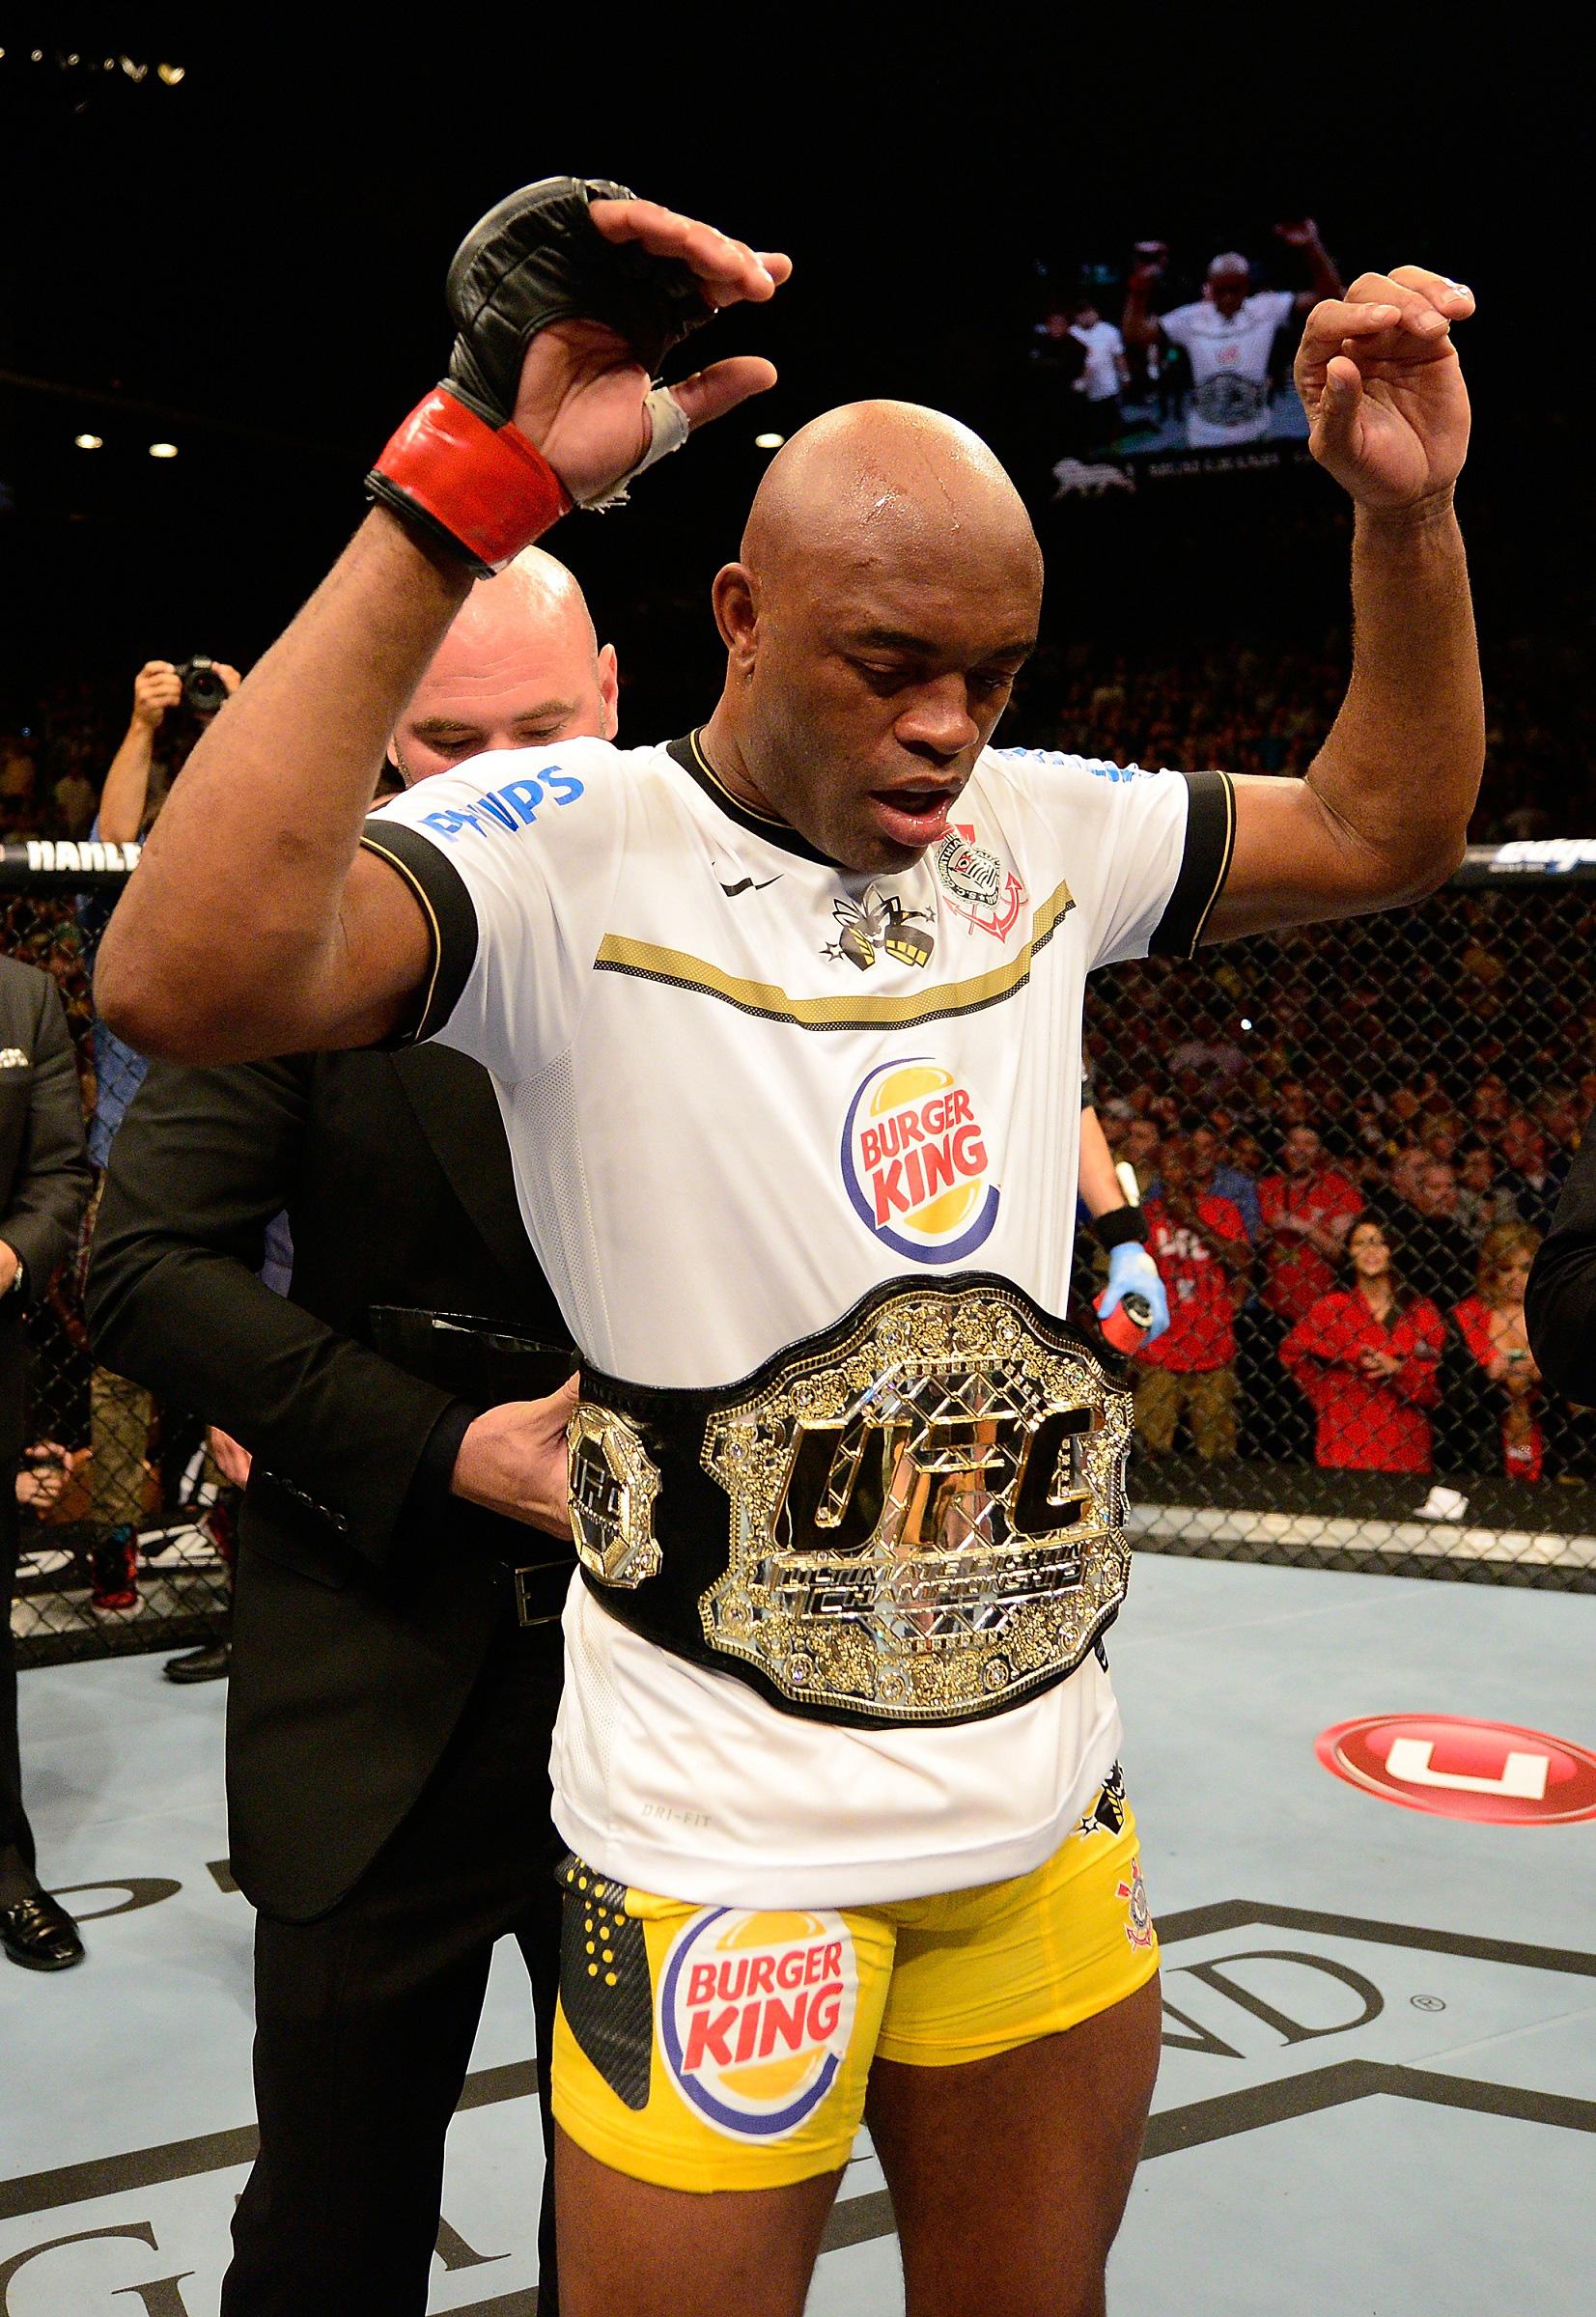 """Rời UFC, Anderson Silva tuyên bố vẫn sẽ tiếp tục thi đấu, thừa nhận đã bị """"ép giải nghệ"""" - Ảnh 3."""